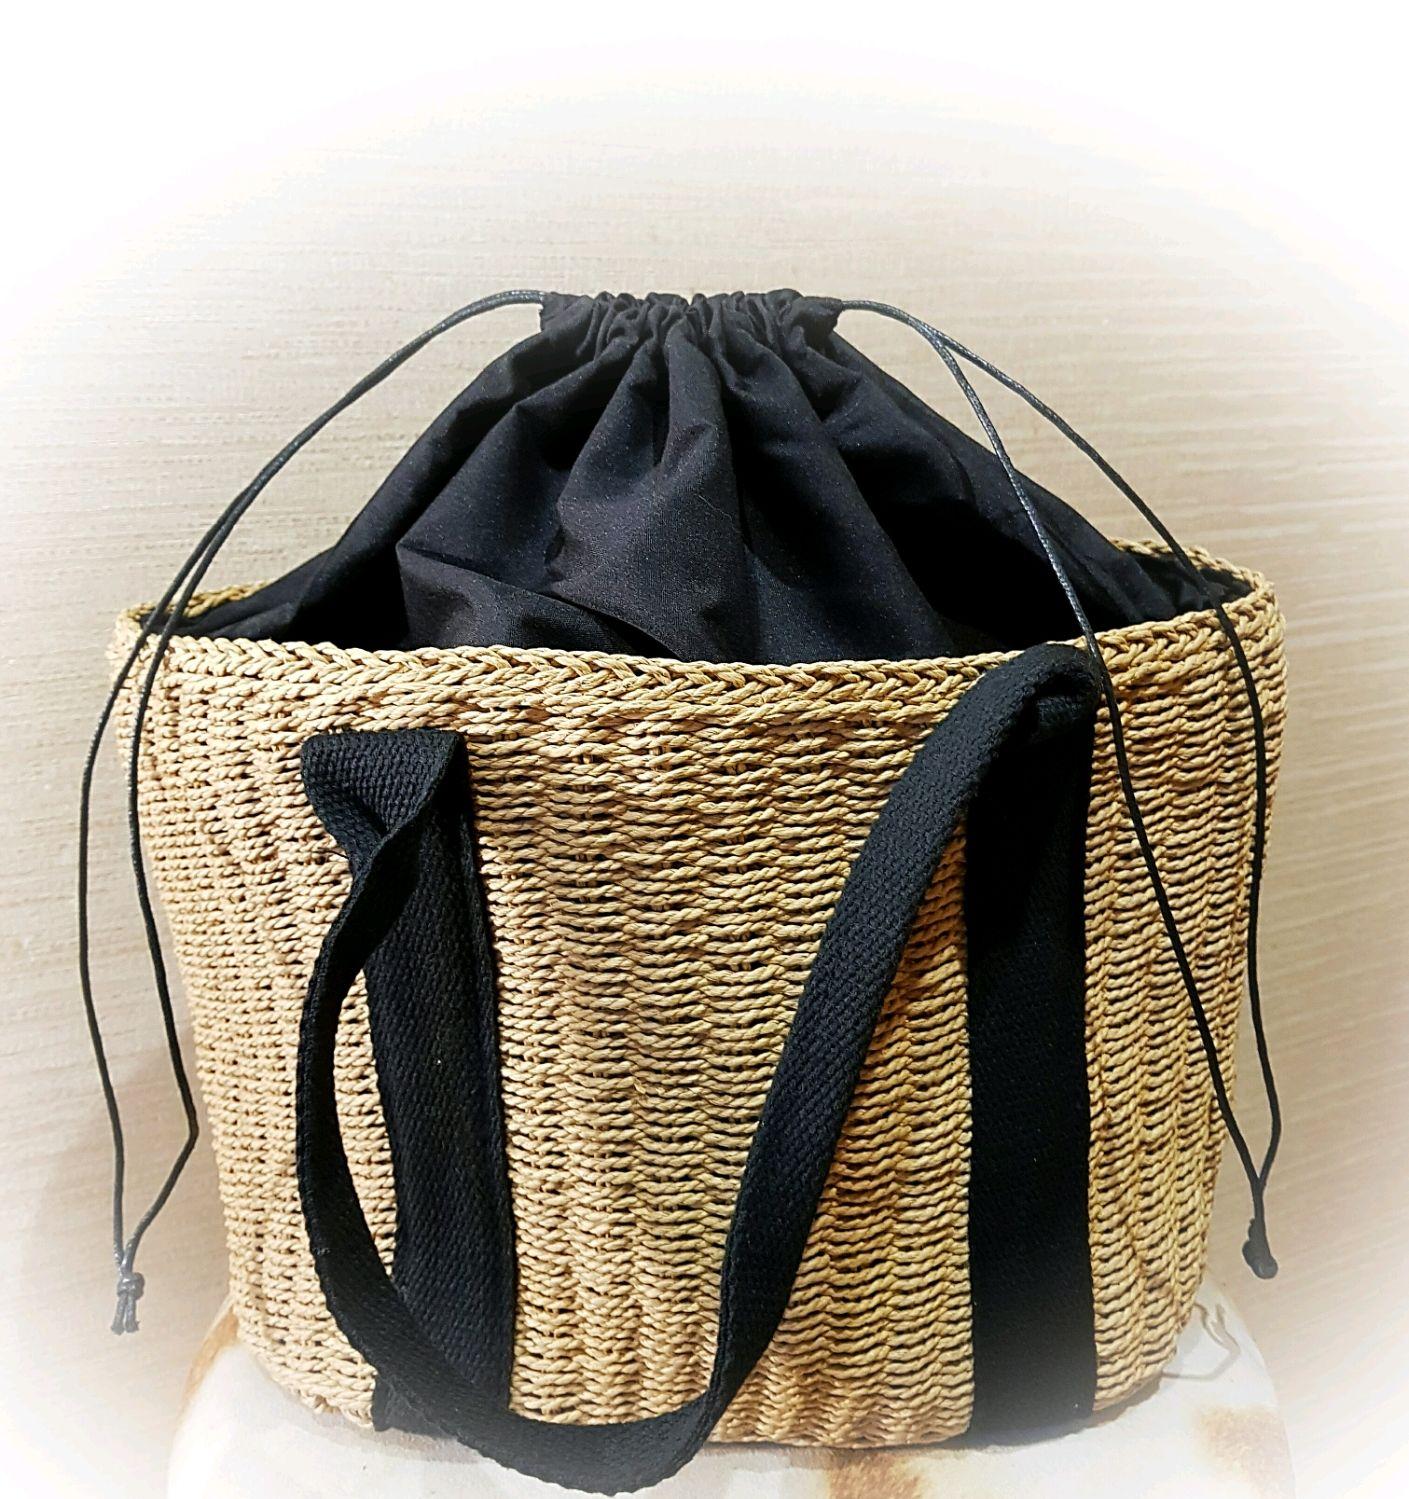 f89c8765ce70 Женские сумки ручной работы. Ярмарка Мастеров - ручная работа. Купить  Сумочка соломенная с хлопковой ...